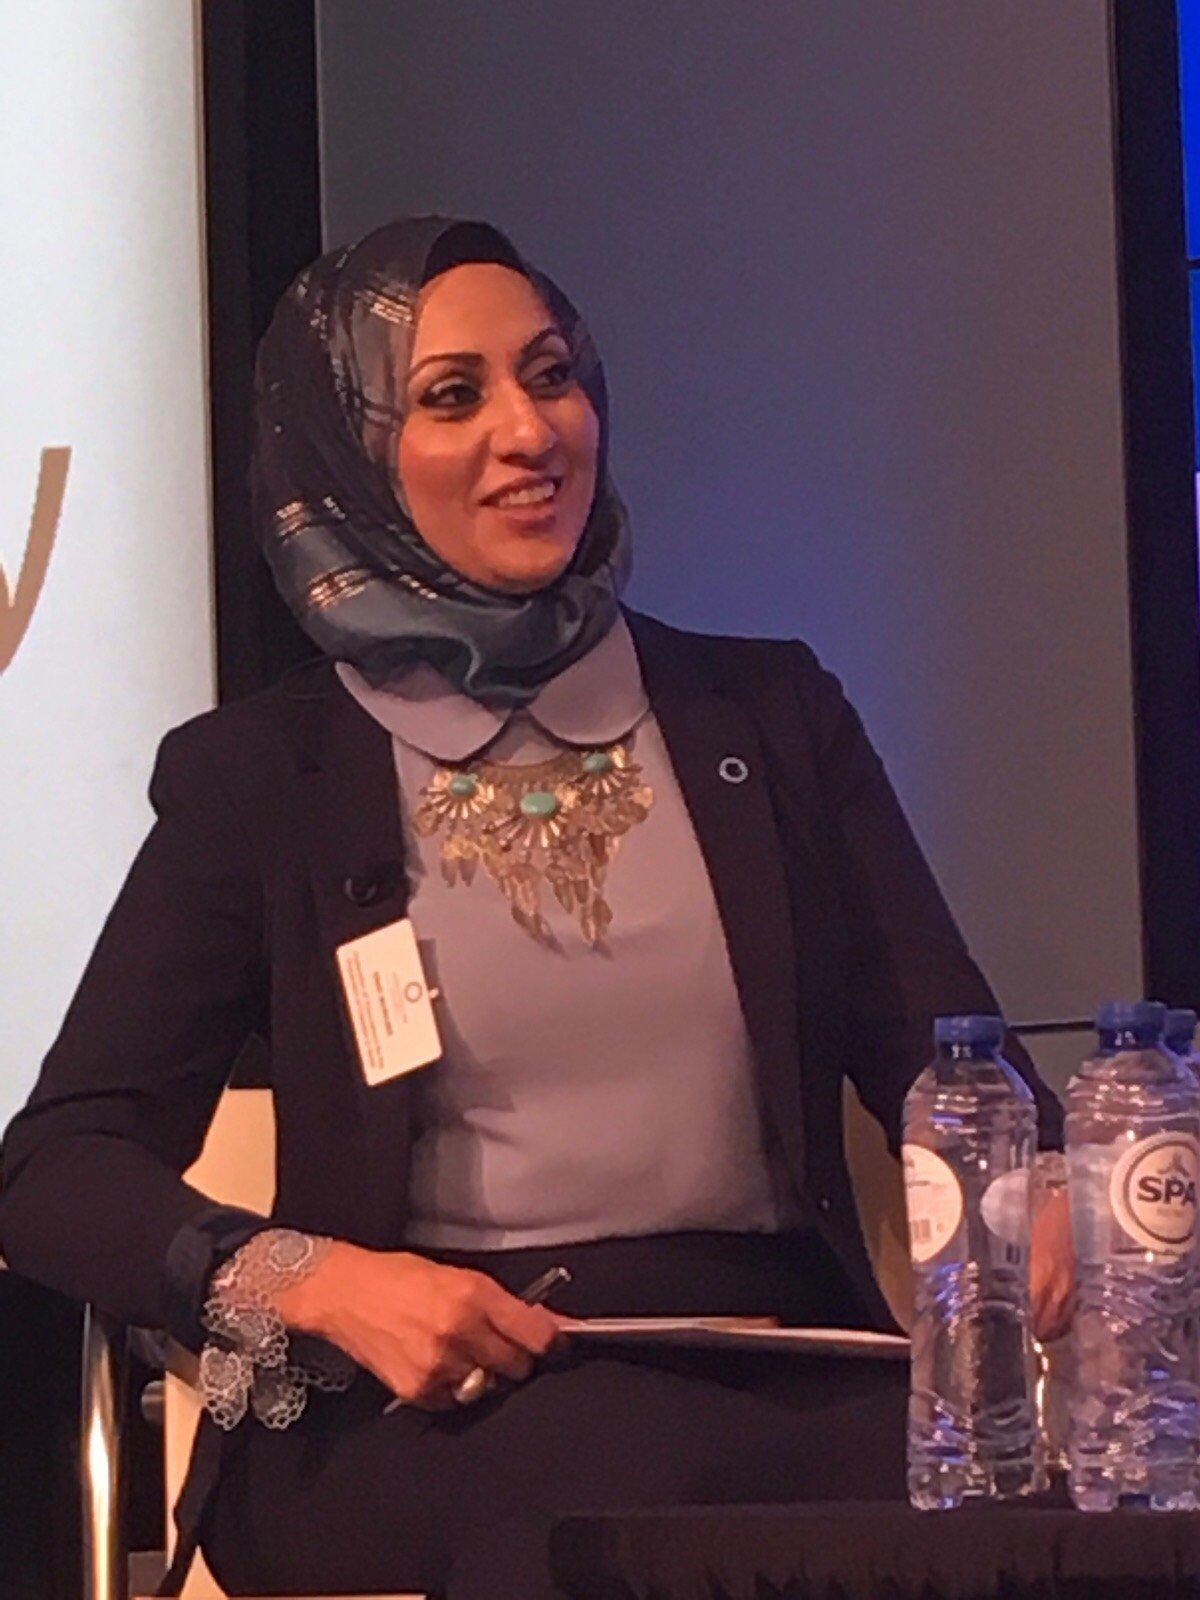 السيدة عناق مواسي تشارك في مؤتمر يوم السكري العالمي في بلجيكا